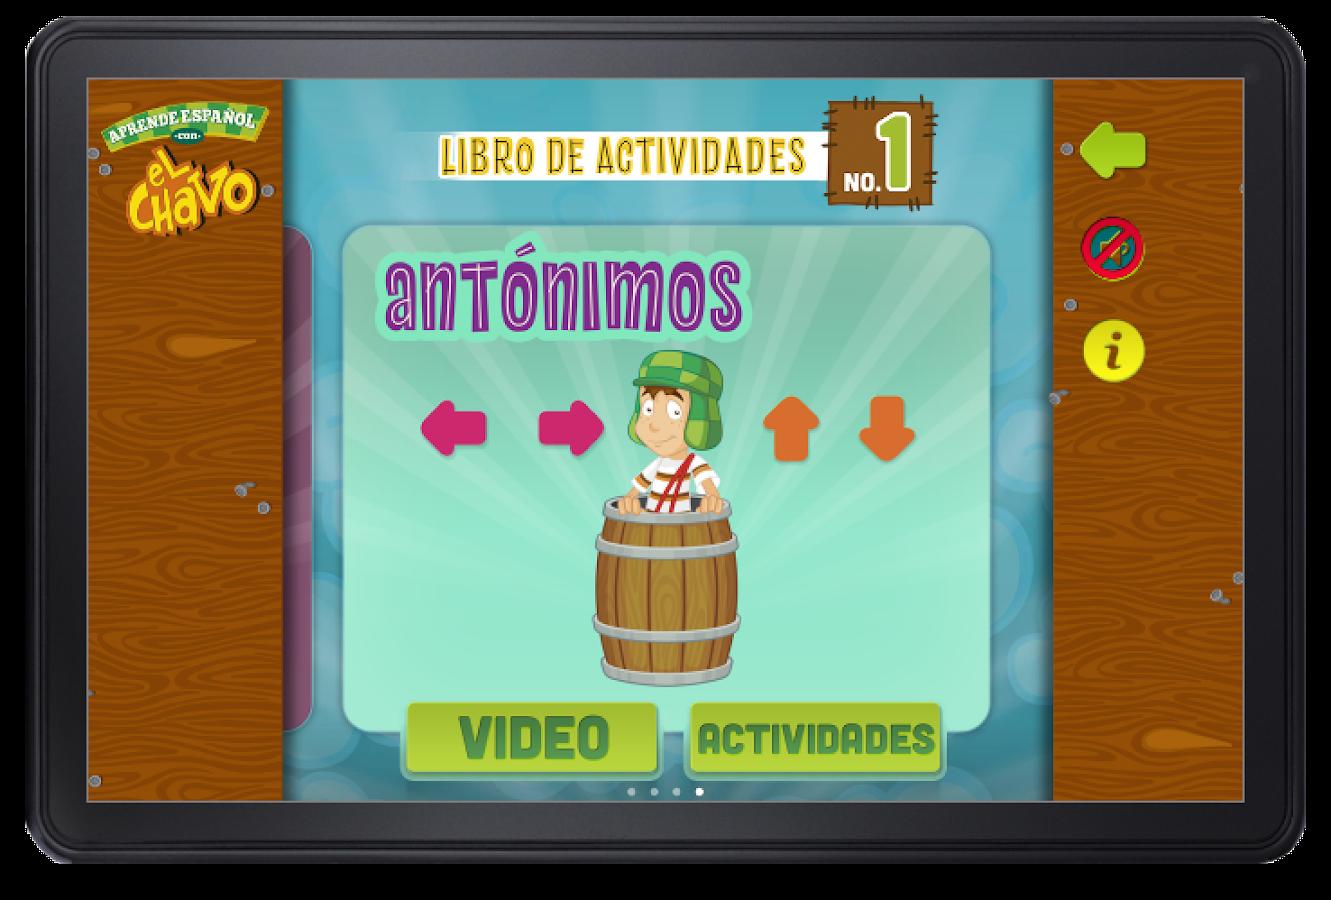 Aprende espa 241 ol con el chavo android apps on google play